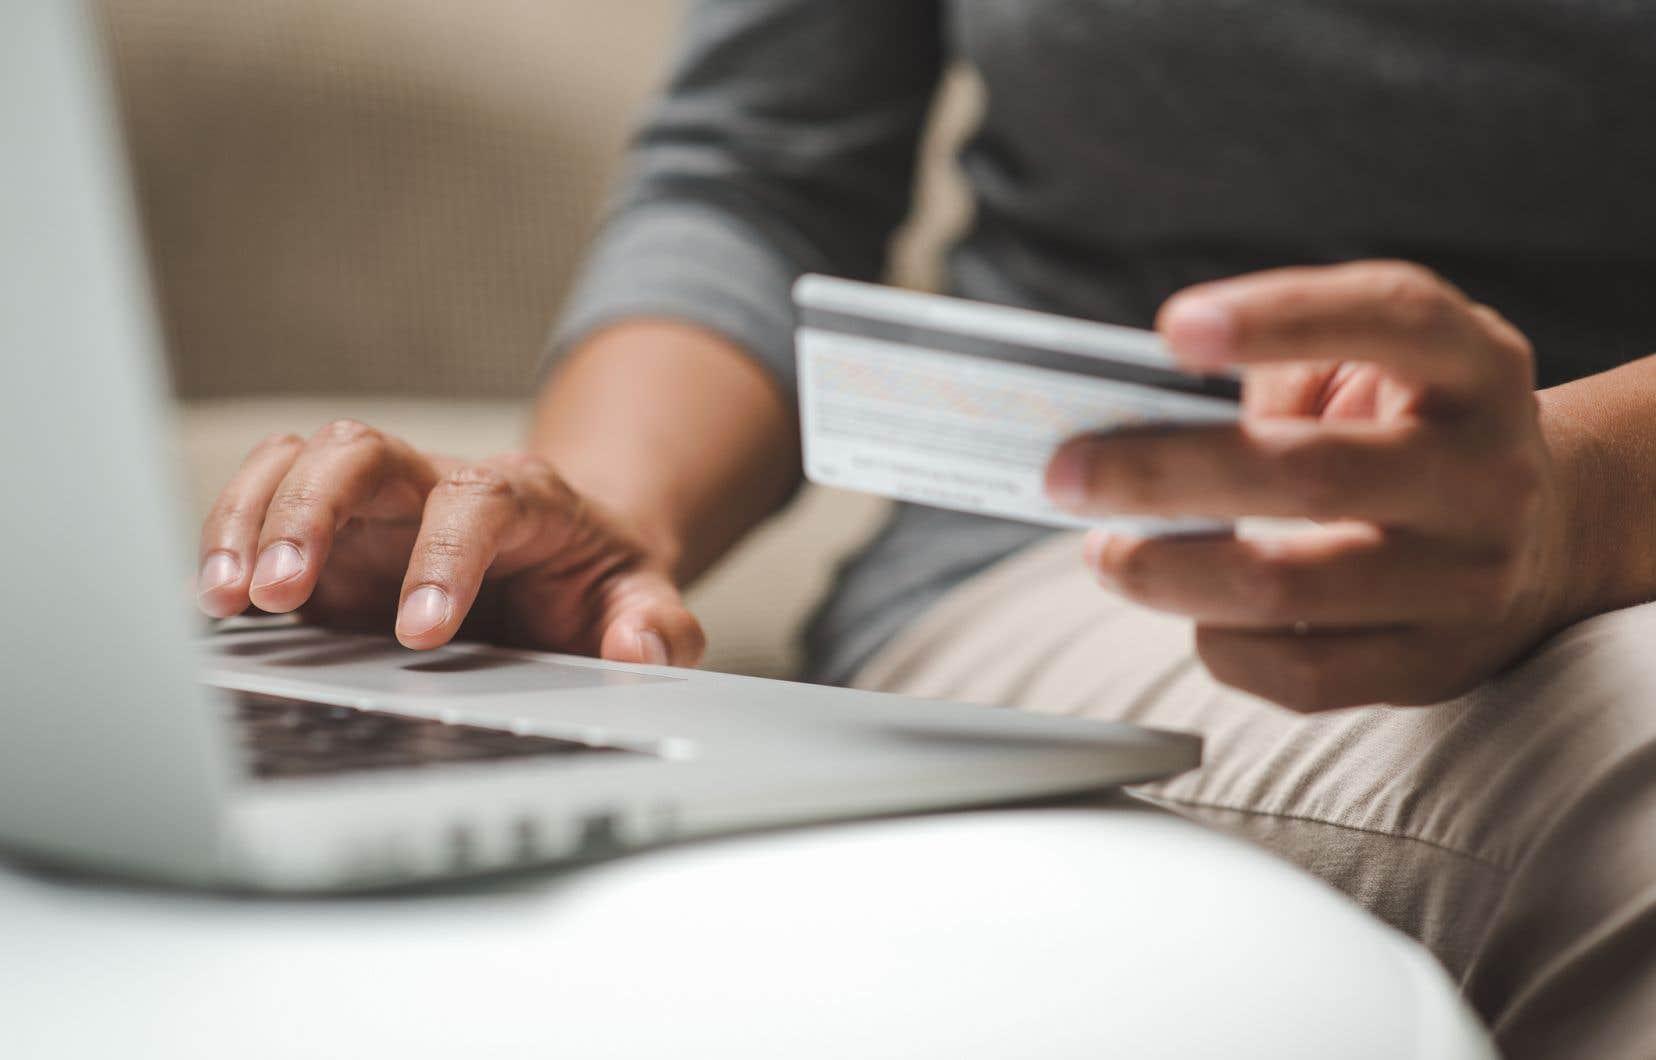 Tous les achats par Internet effectués depuis le Canada aux États-Unis et dont le montant est inférieur à 20$ sont exemptés de droit de douane comme des taxes à la consommation. Les États-Unis voudraient voir augmenter ce «seuil de minimis» à 800$.